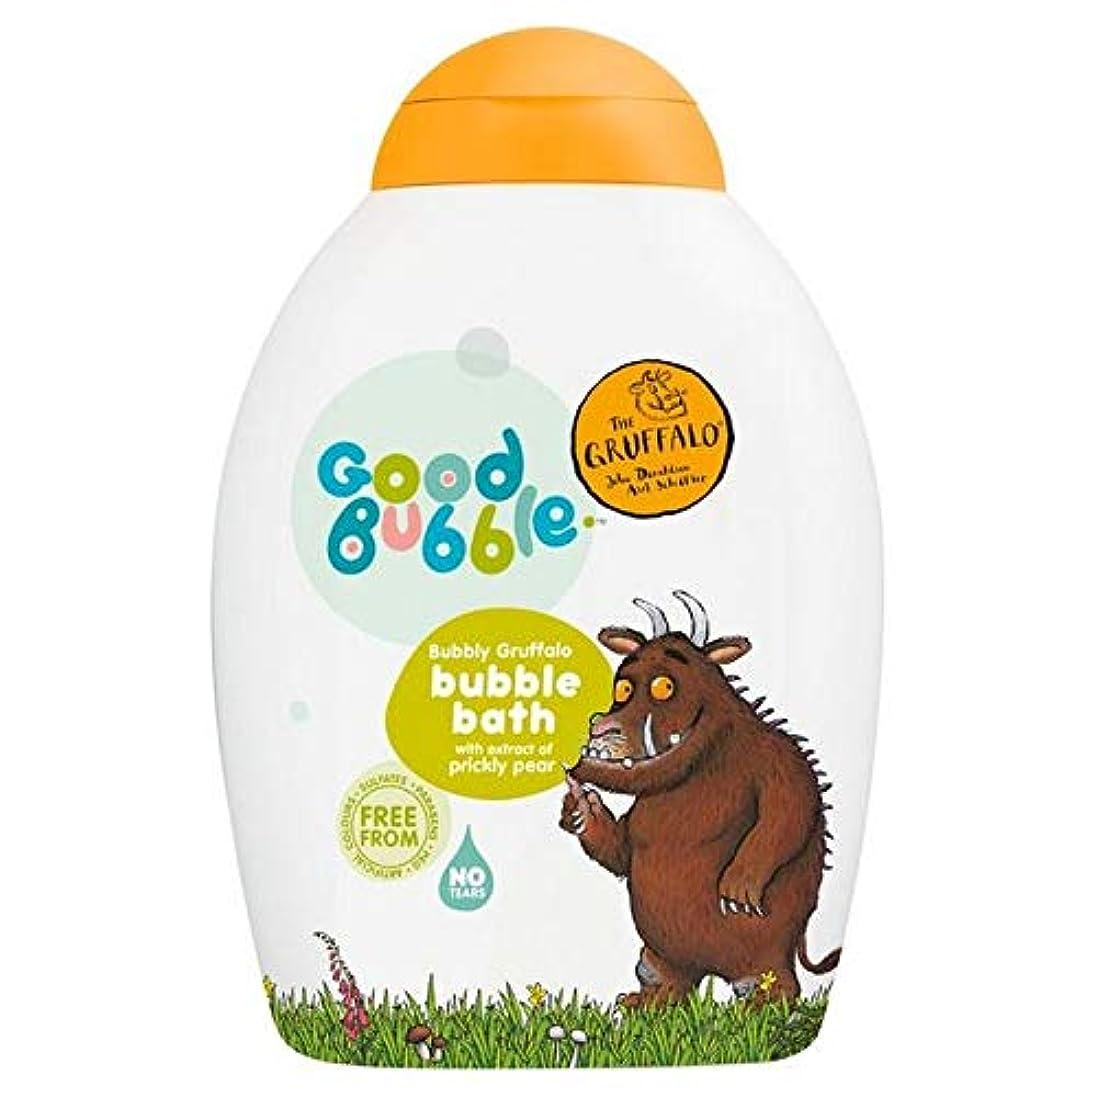 考える一過性絡み合い[Good Bubble ] ウチワサボテンエキス400ミリリットルとの良好なバブル快活Gruffaloの泡風呂 - Good Bubble Bubbly Gruffalo Bubble Bath with Prickly Pear Extract 400ml [並行輸入品]